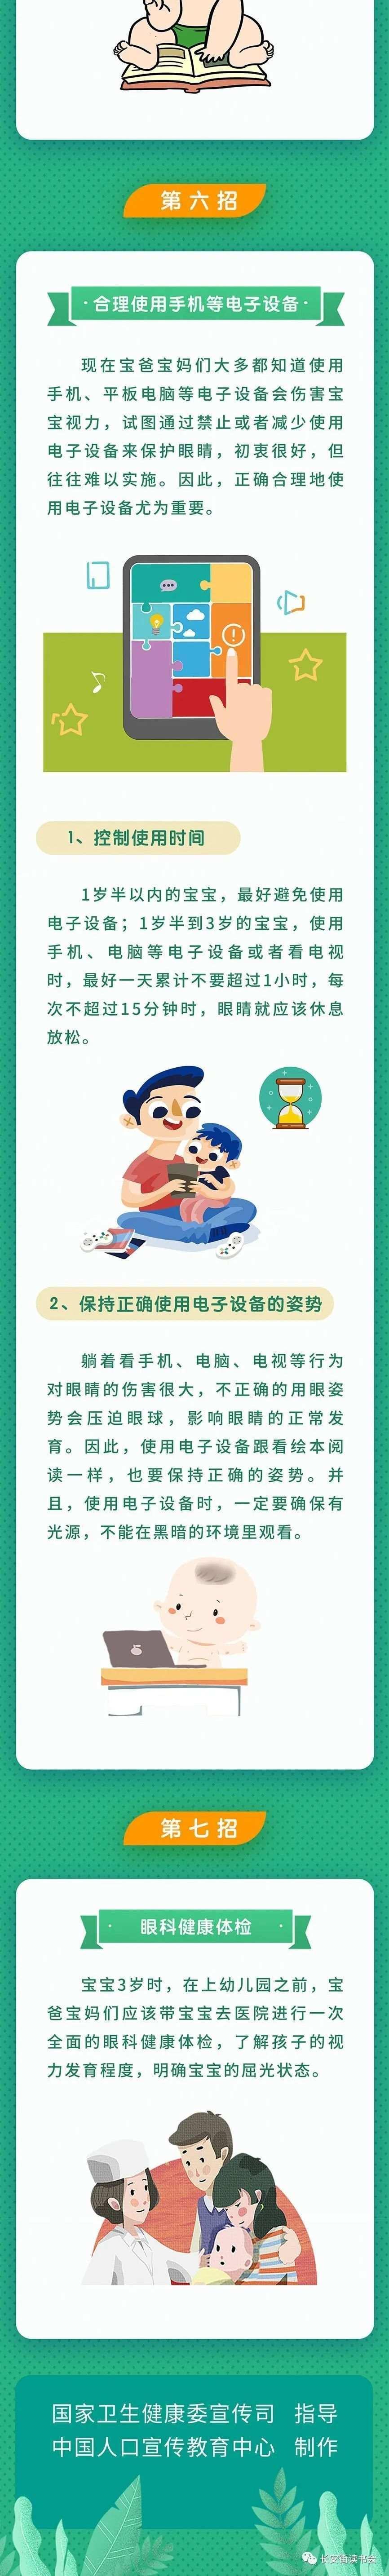 「健康中国」0-3岁宝宝护眼宝典【新型冠状病毒科普知识】